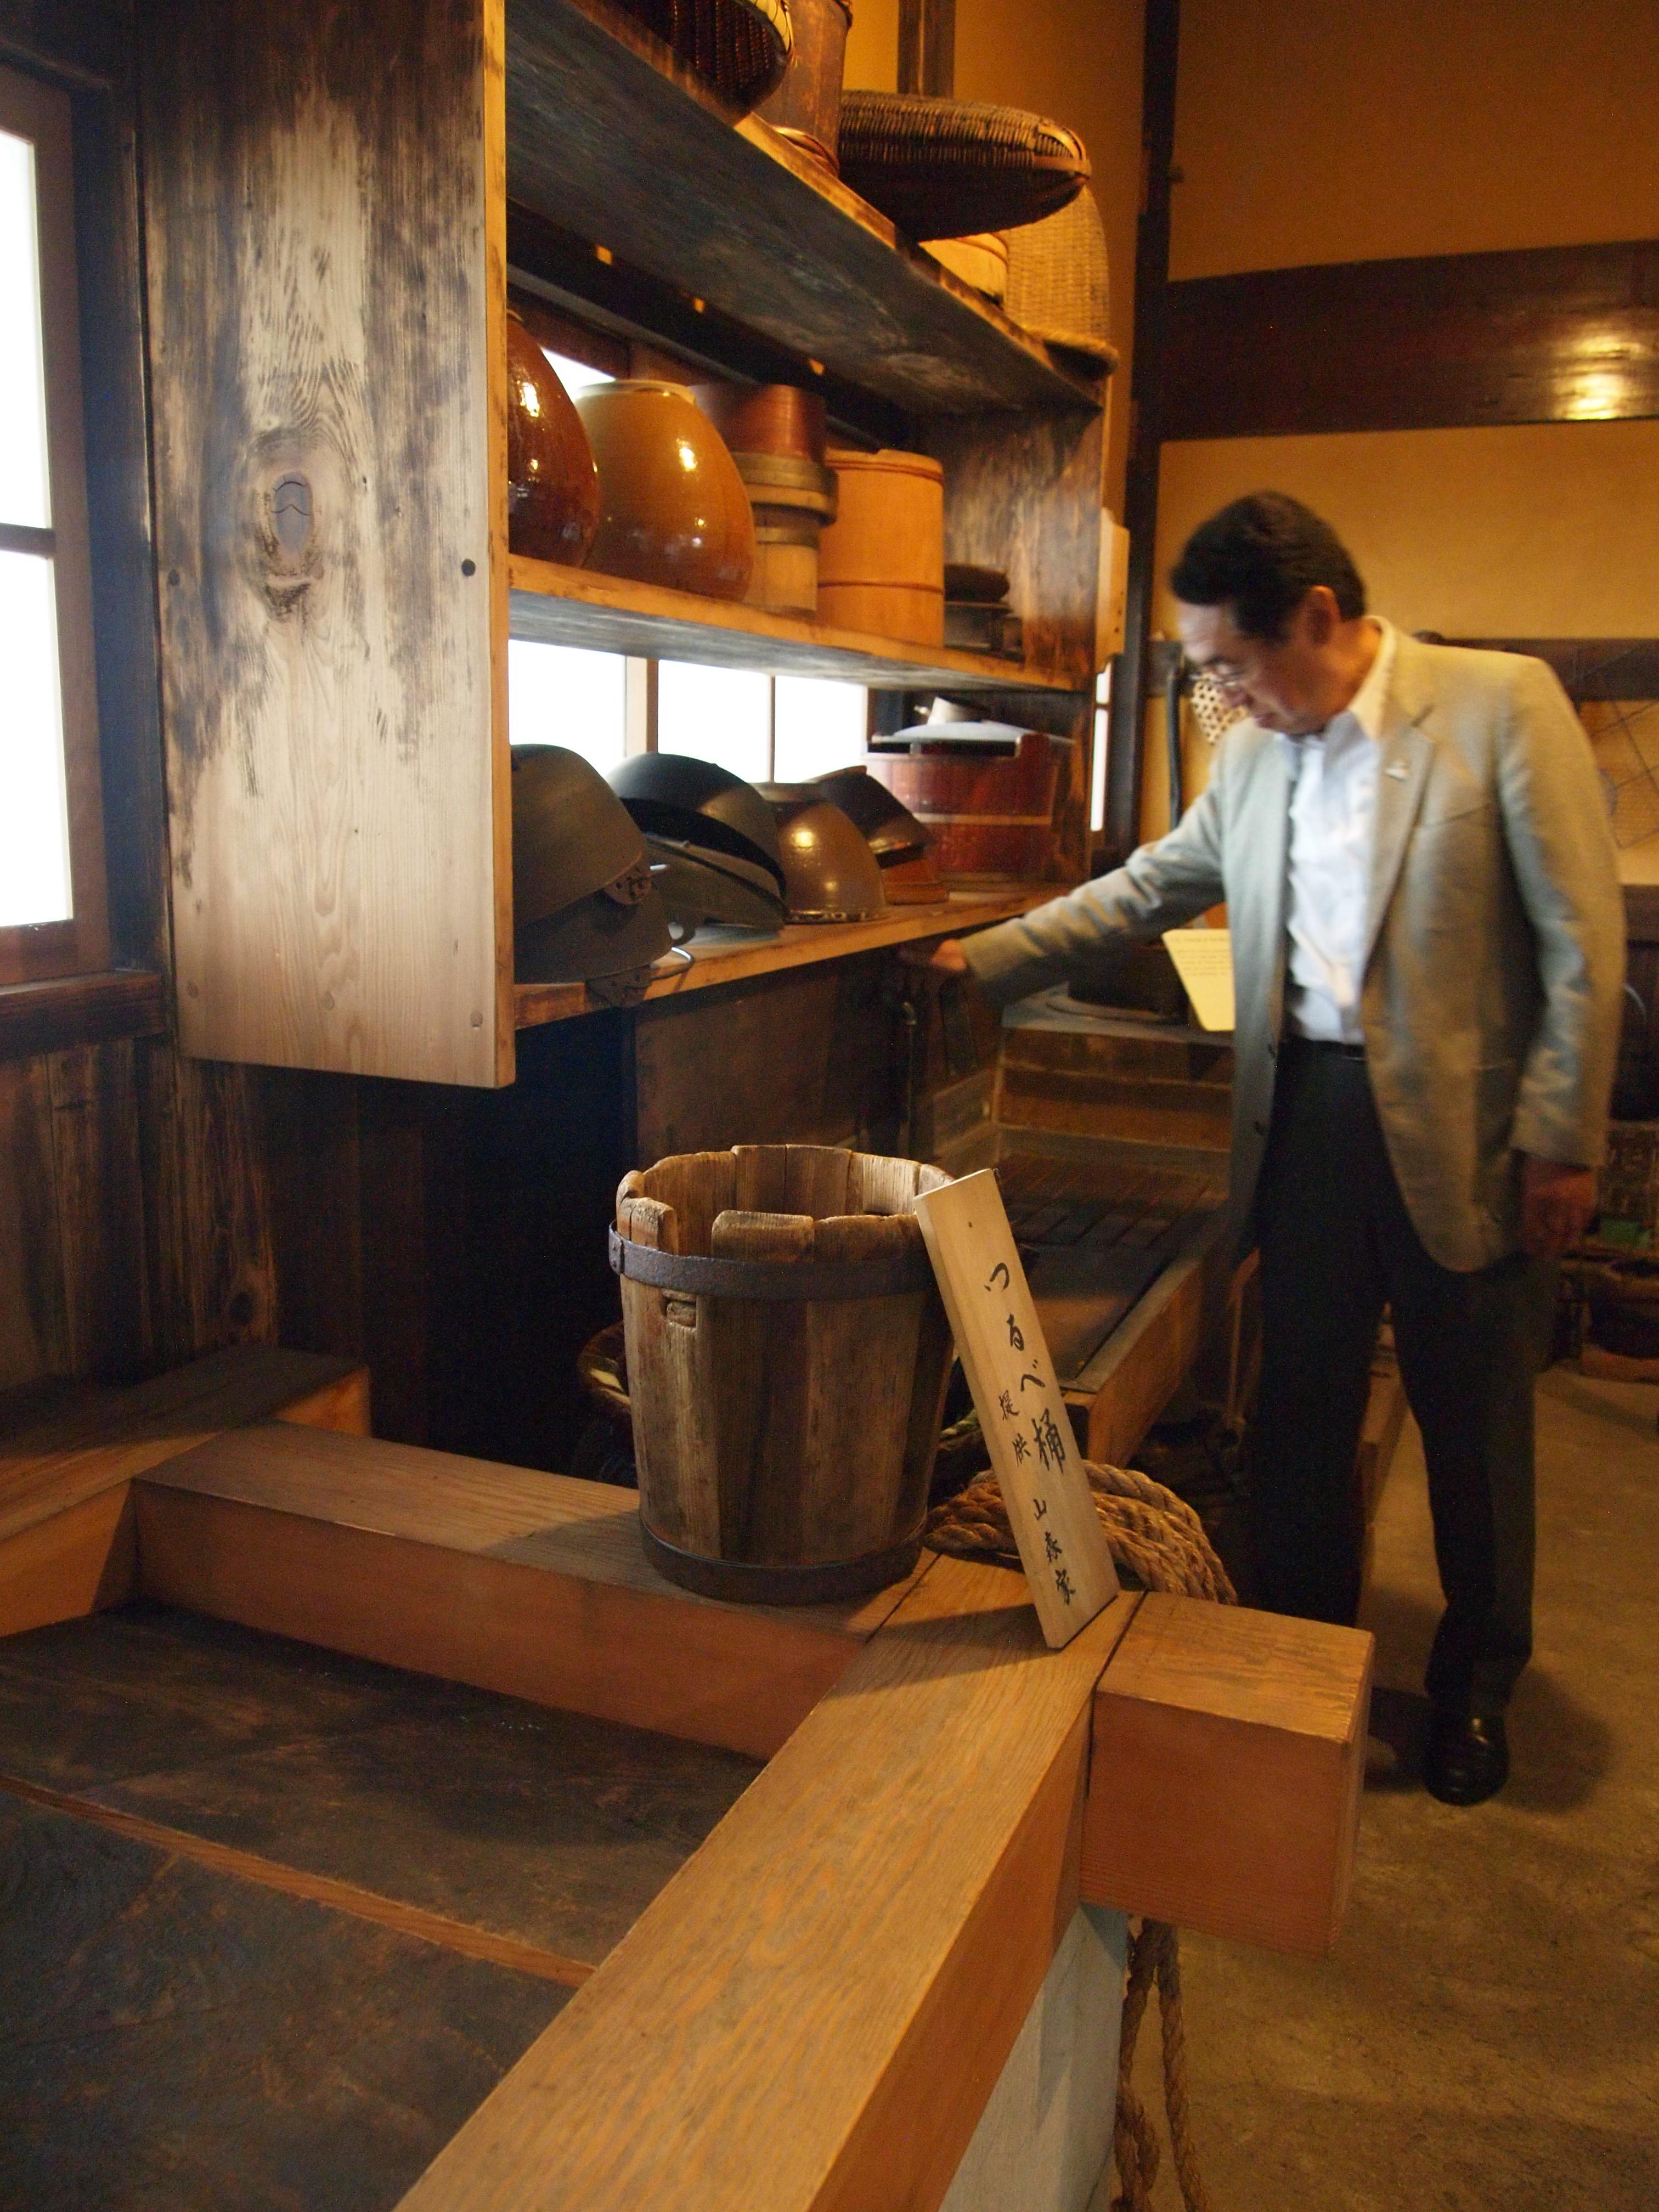 这栋超过400年的建筑物里的水龙头依然可以正常操作,从这里流出来的正是东光の酒蔵引用来酿酒的吾妻山井水。